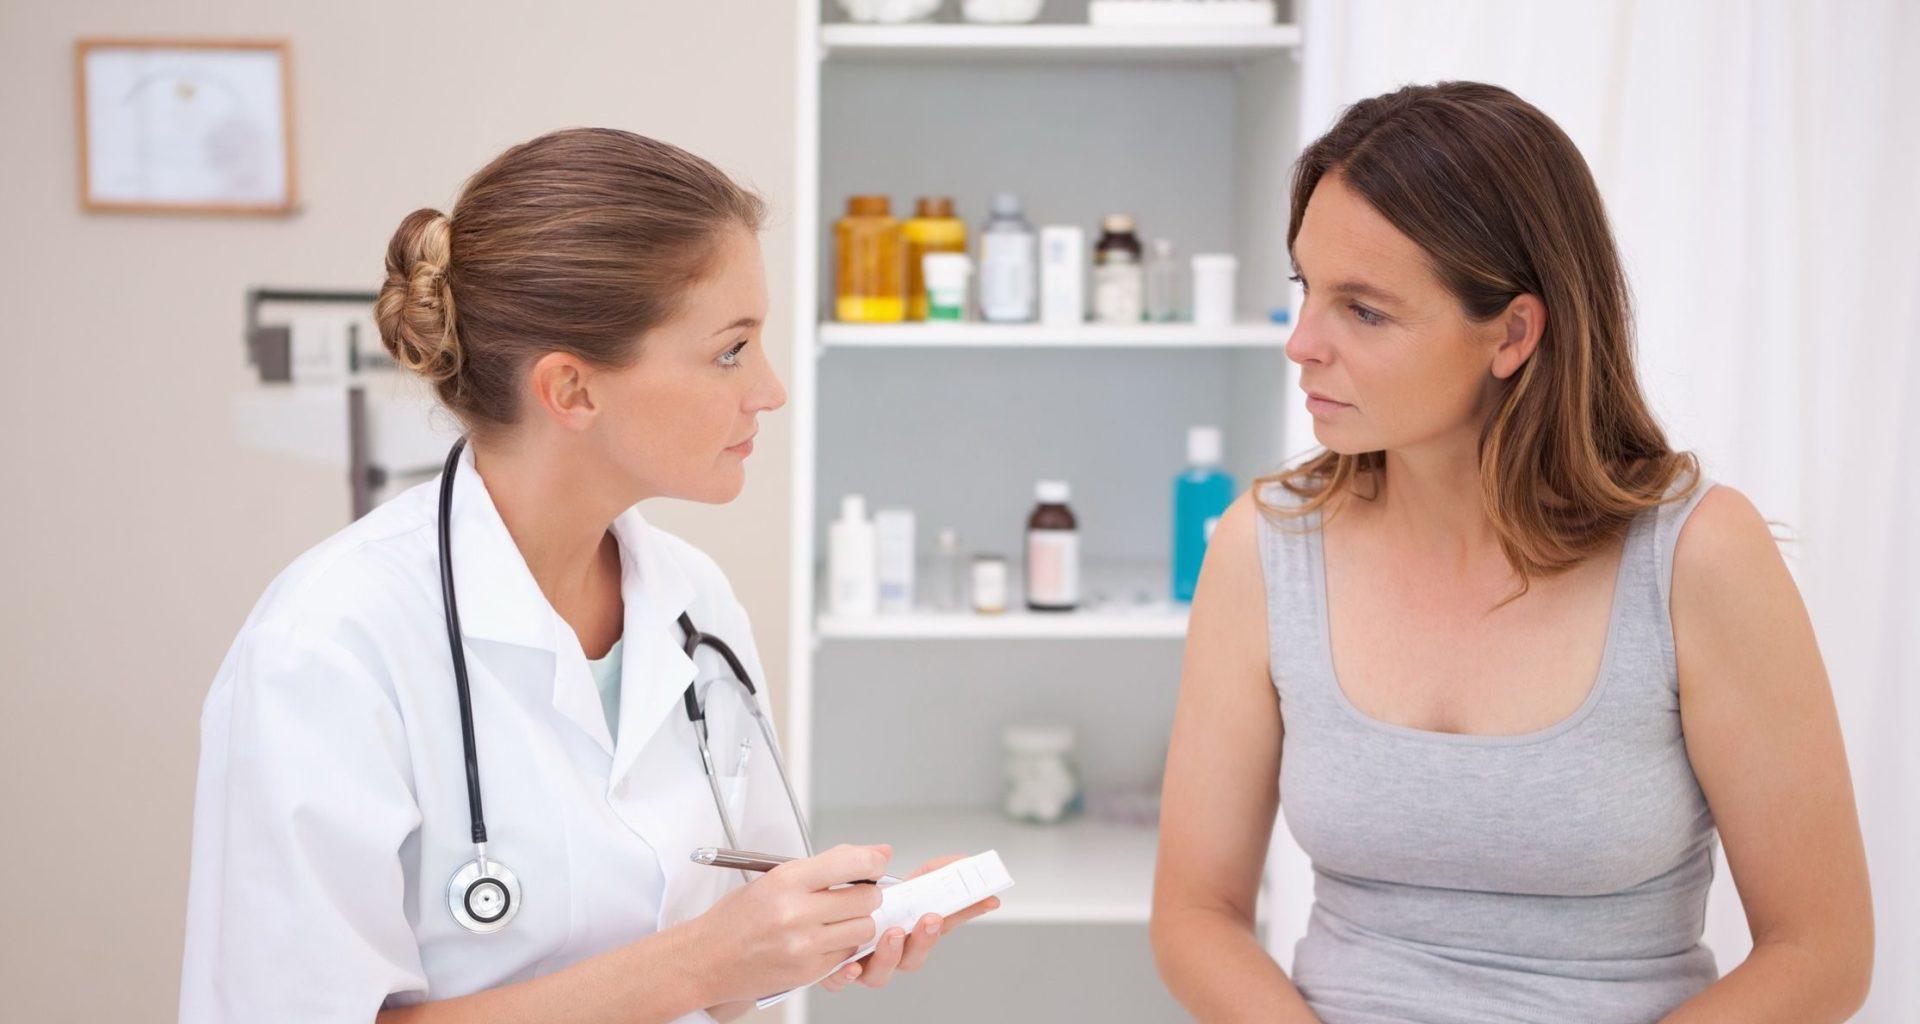 врач осматривает женщину на приеме